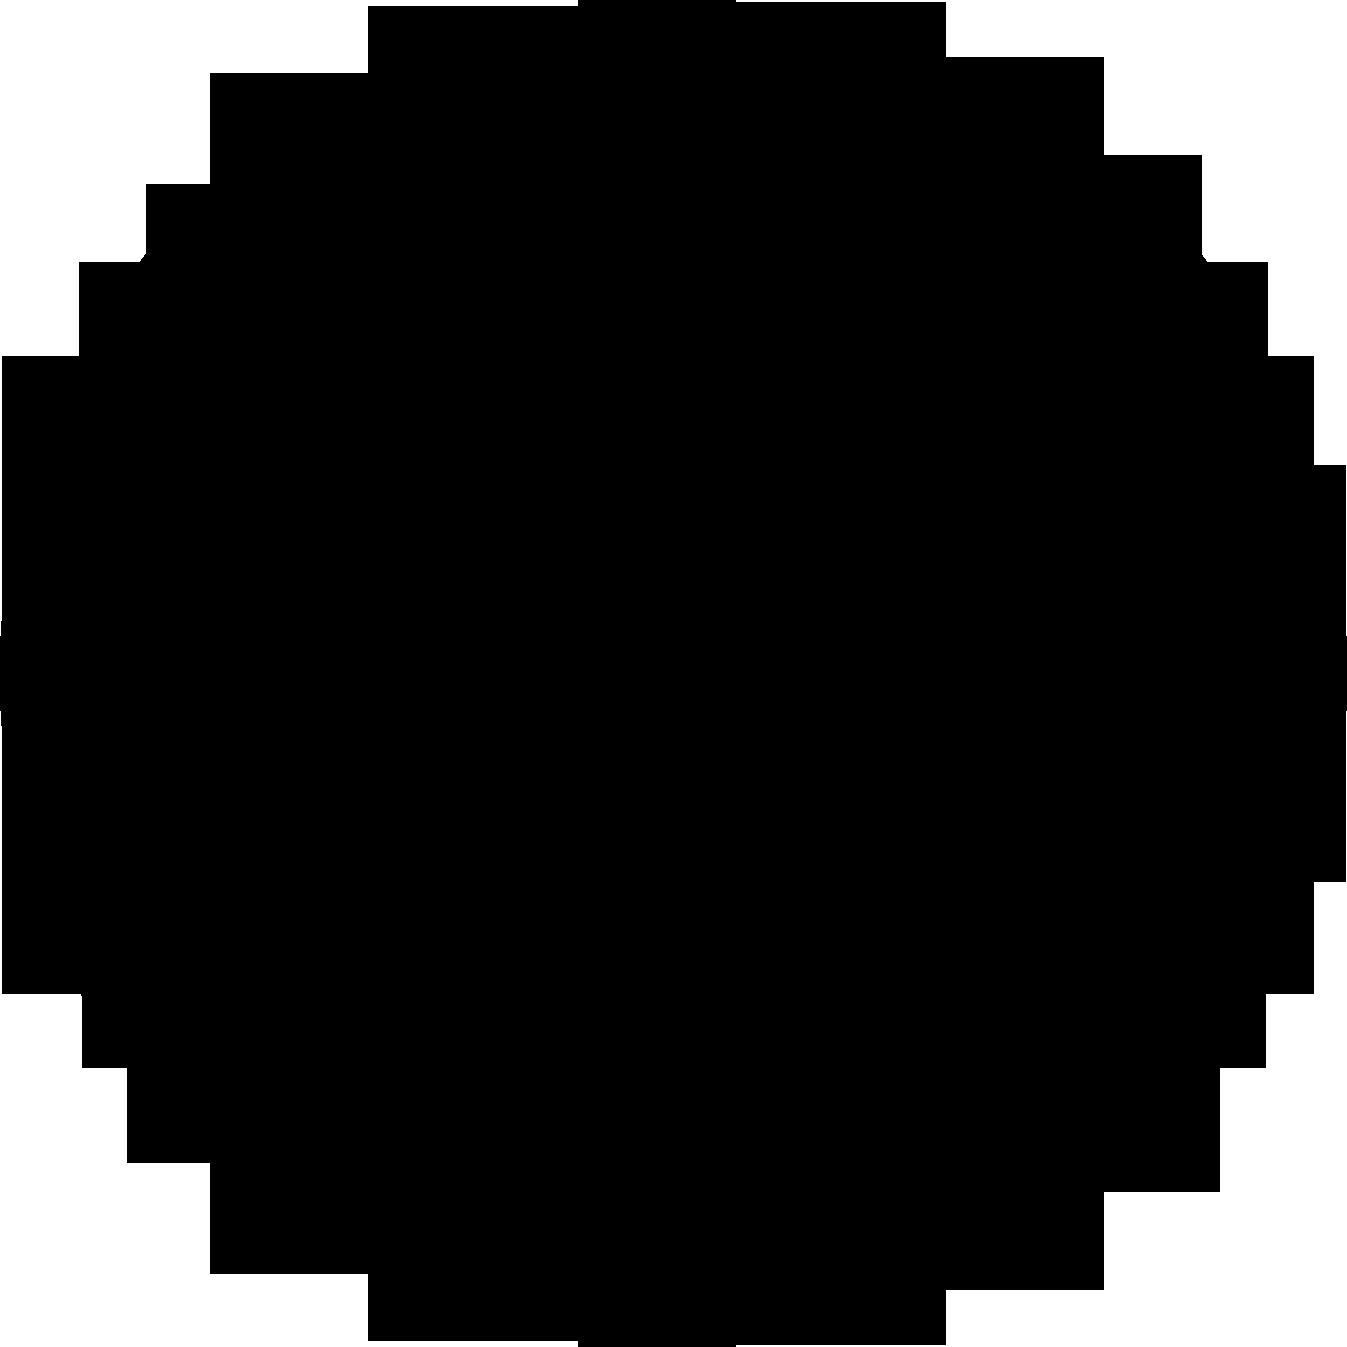 AMLOGO